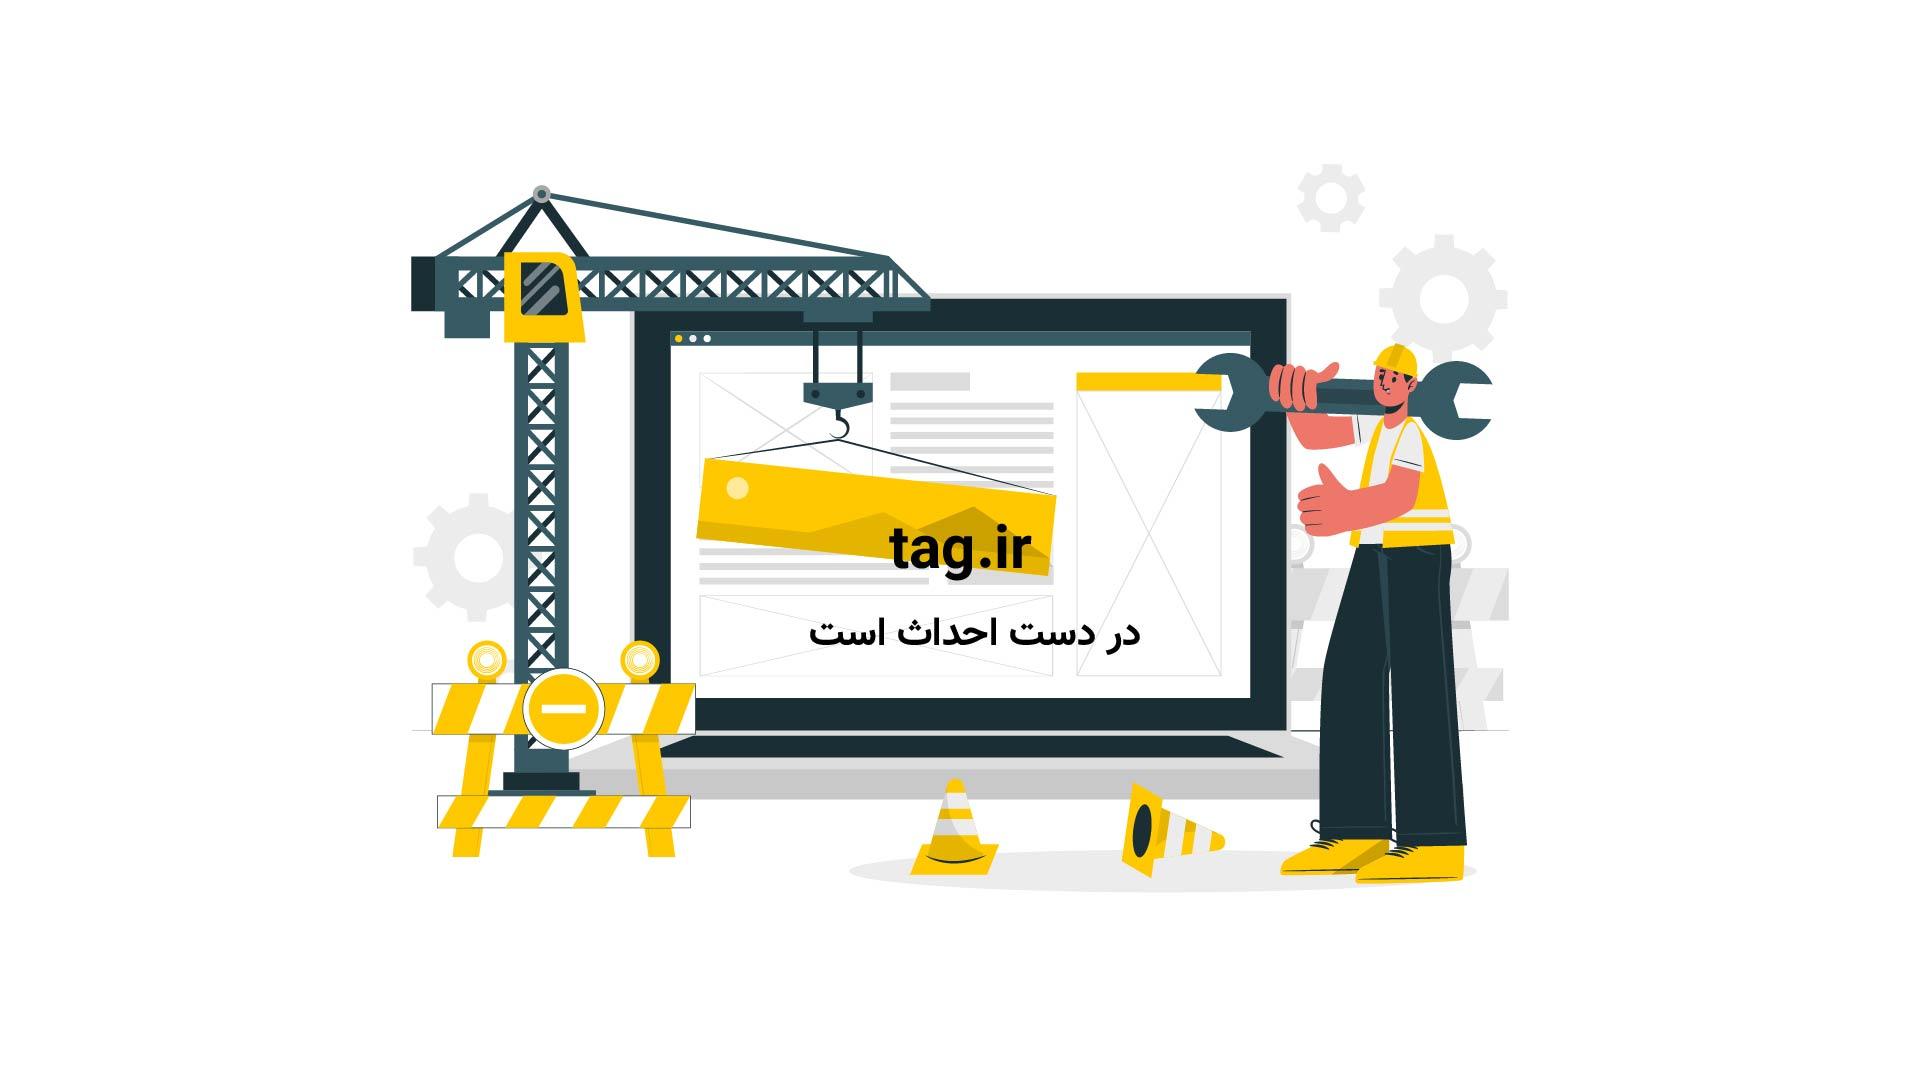 فیلم سگ ریاضیدان